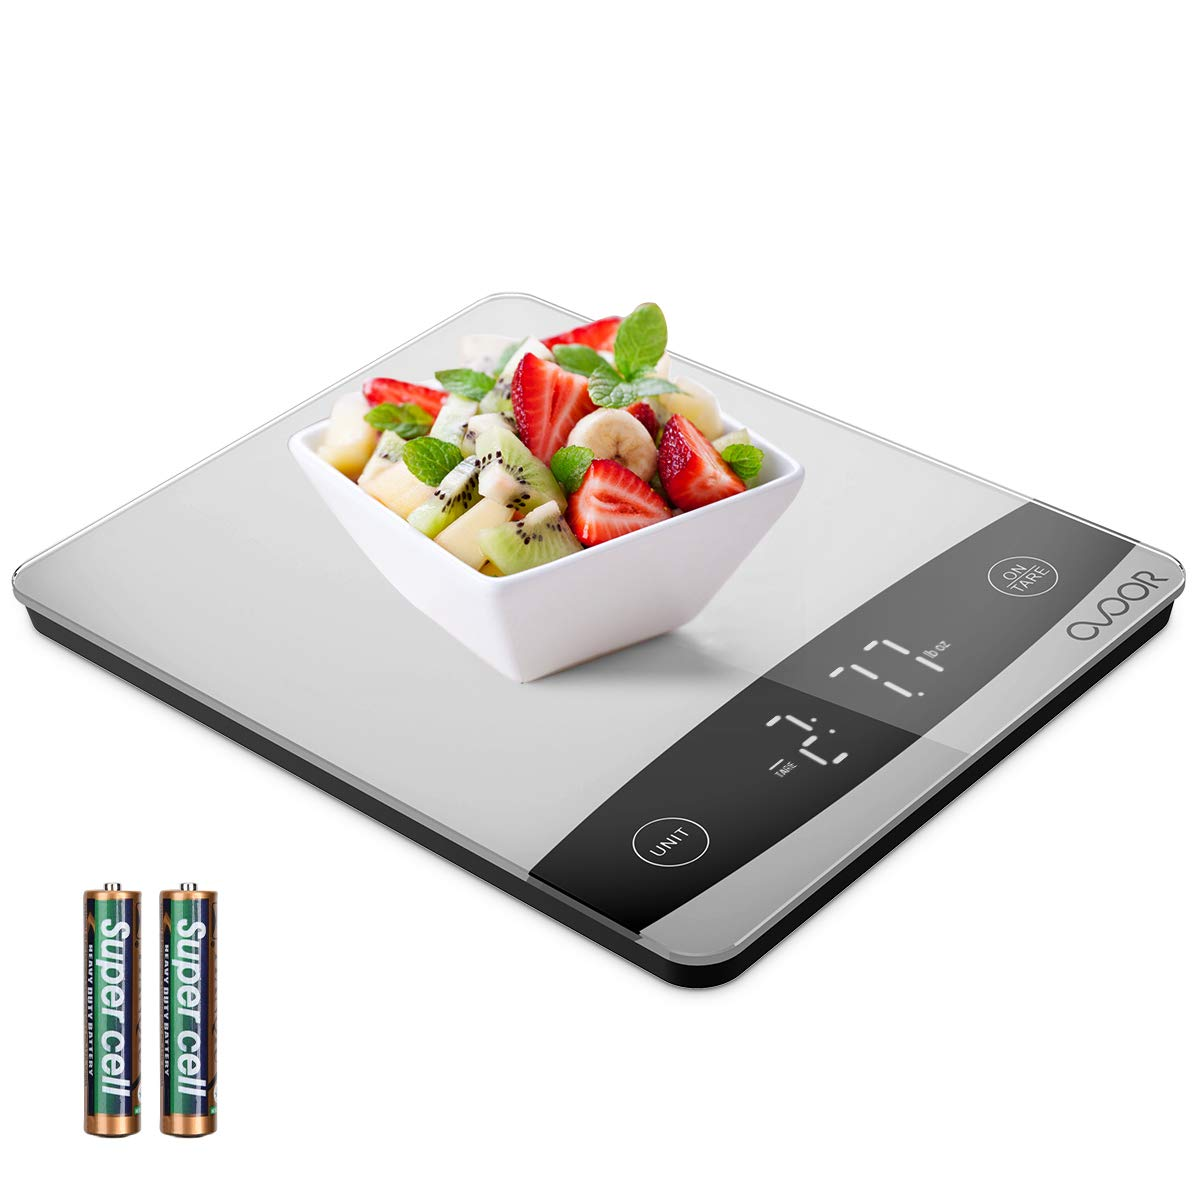 OVOOR Báscula Digital de Cocina 10kg Balanza Alimentos Multifuncional con Superficie de Vidrio Templado y Pantalla LED para Peso de Comida (Baterías Incluidas)